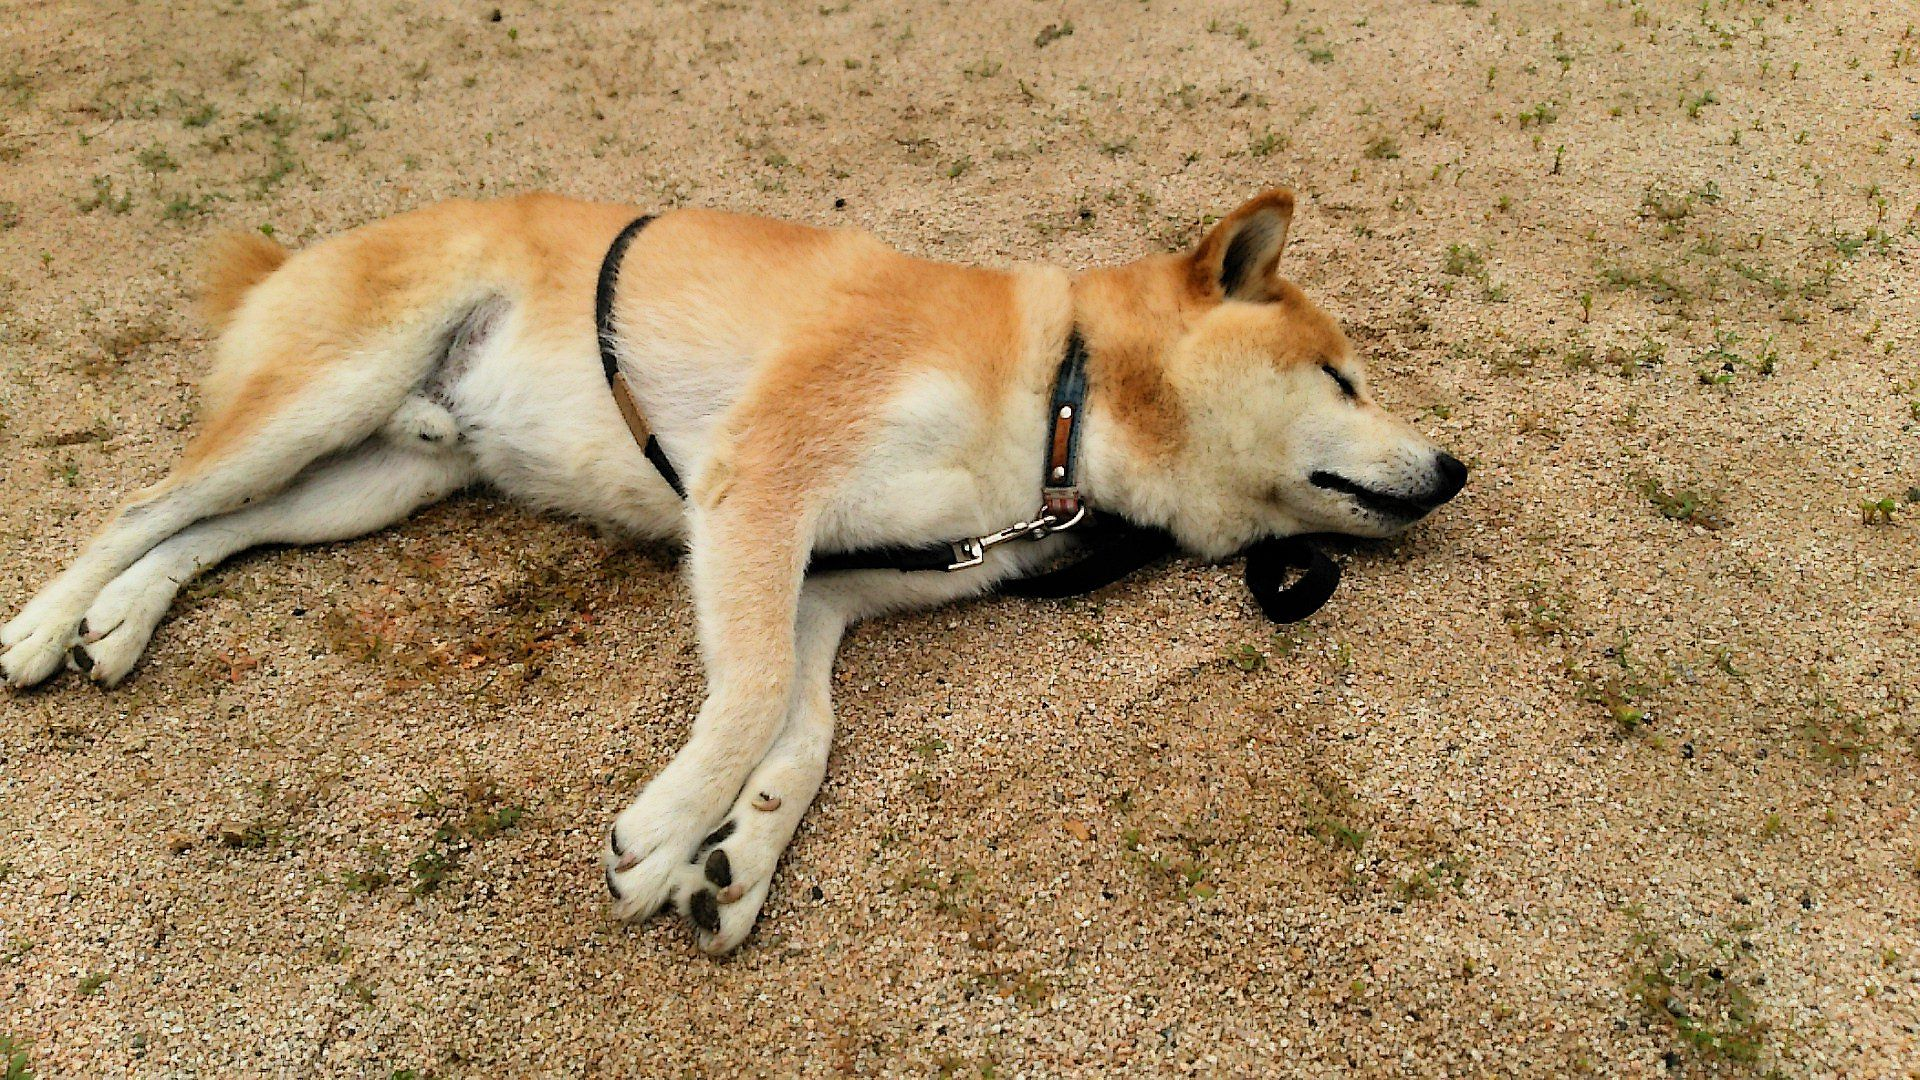 柴犬ラプラス号 散歩の途中に寝るんじゃねぇ!